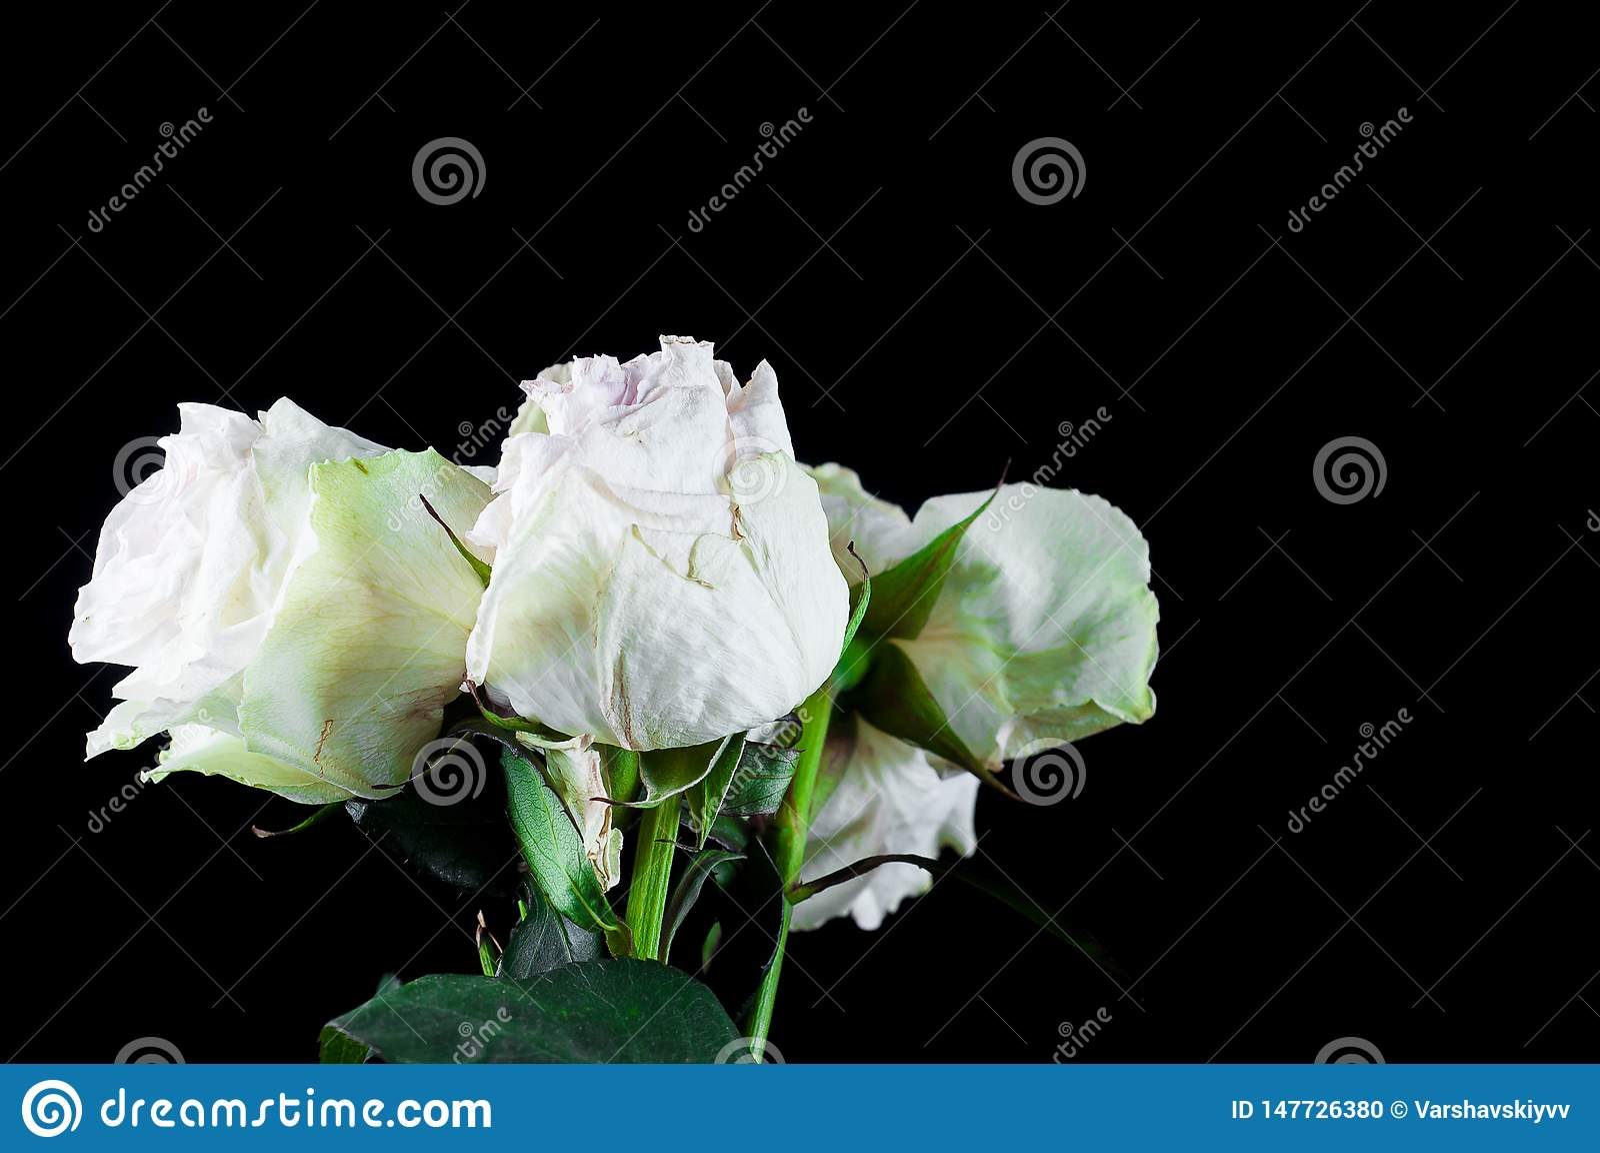 Sch?ne Anlagen mit wohlriechenden Blumen, wie Innen